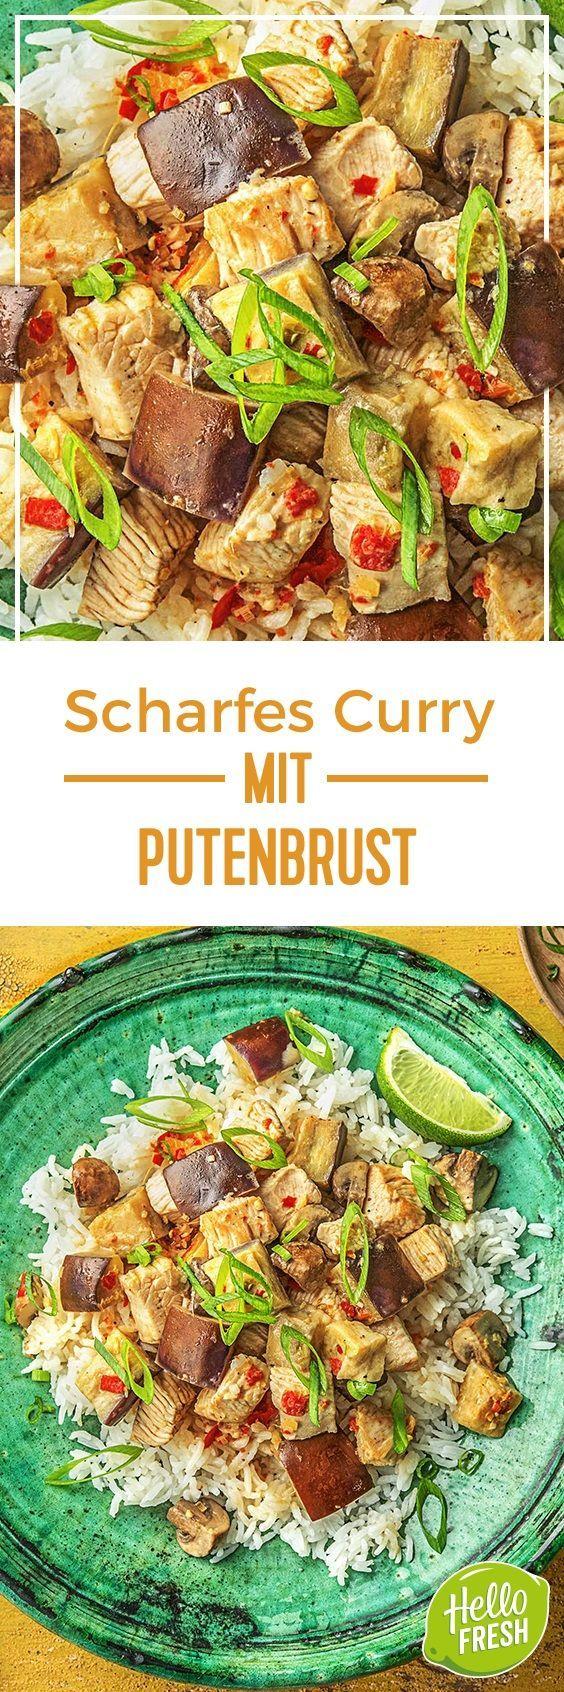 Step by Step Rezept: Scharfes Curry mit Putenbrust, selbst gemachter Currypaste und Jasminreis  Kochen / Essen / Ernährung / Lecker / Kochbox / Zutaten / Gesund / Schnell / Frühling / Einfach / DIY / Küche / Gericht / Blog / Leicht / backen / Curry / Thai / 30 Minuten / Asiatisch / Laktosefrei   #hellofreshde #kochen #essen #zubereiten #zutaten #diy #rezept #kochbox #ernährung #lecker #gesund #leicht #schnell #frühling #einfach #küche #gericht #trend #blog #selbermachen #backen #asiatisch…